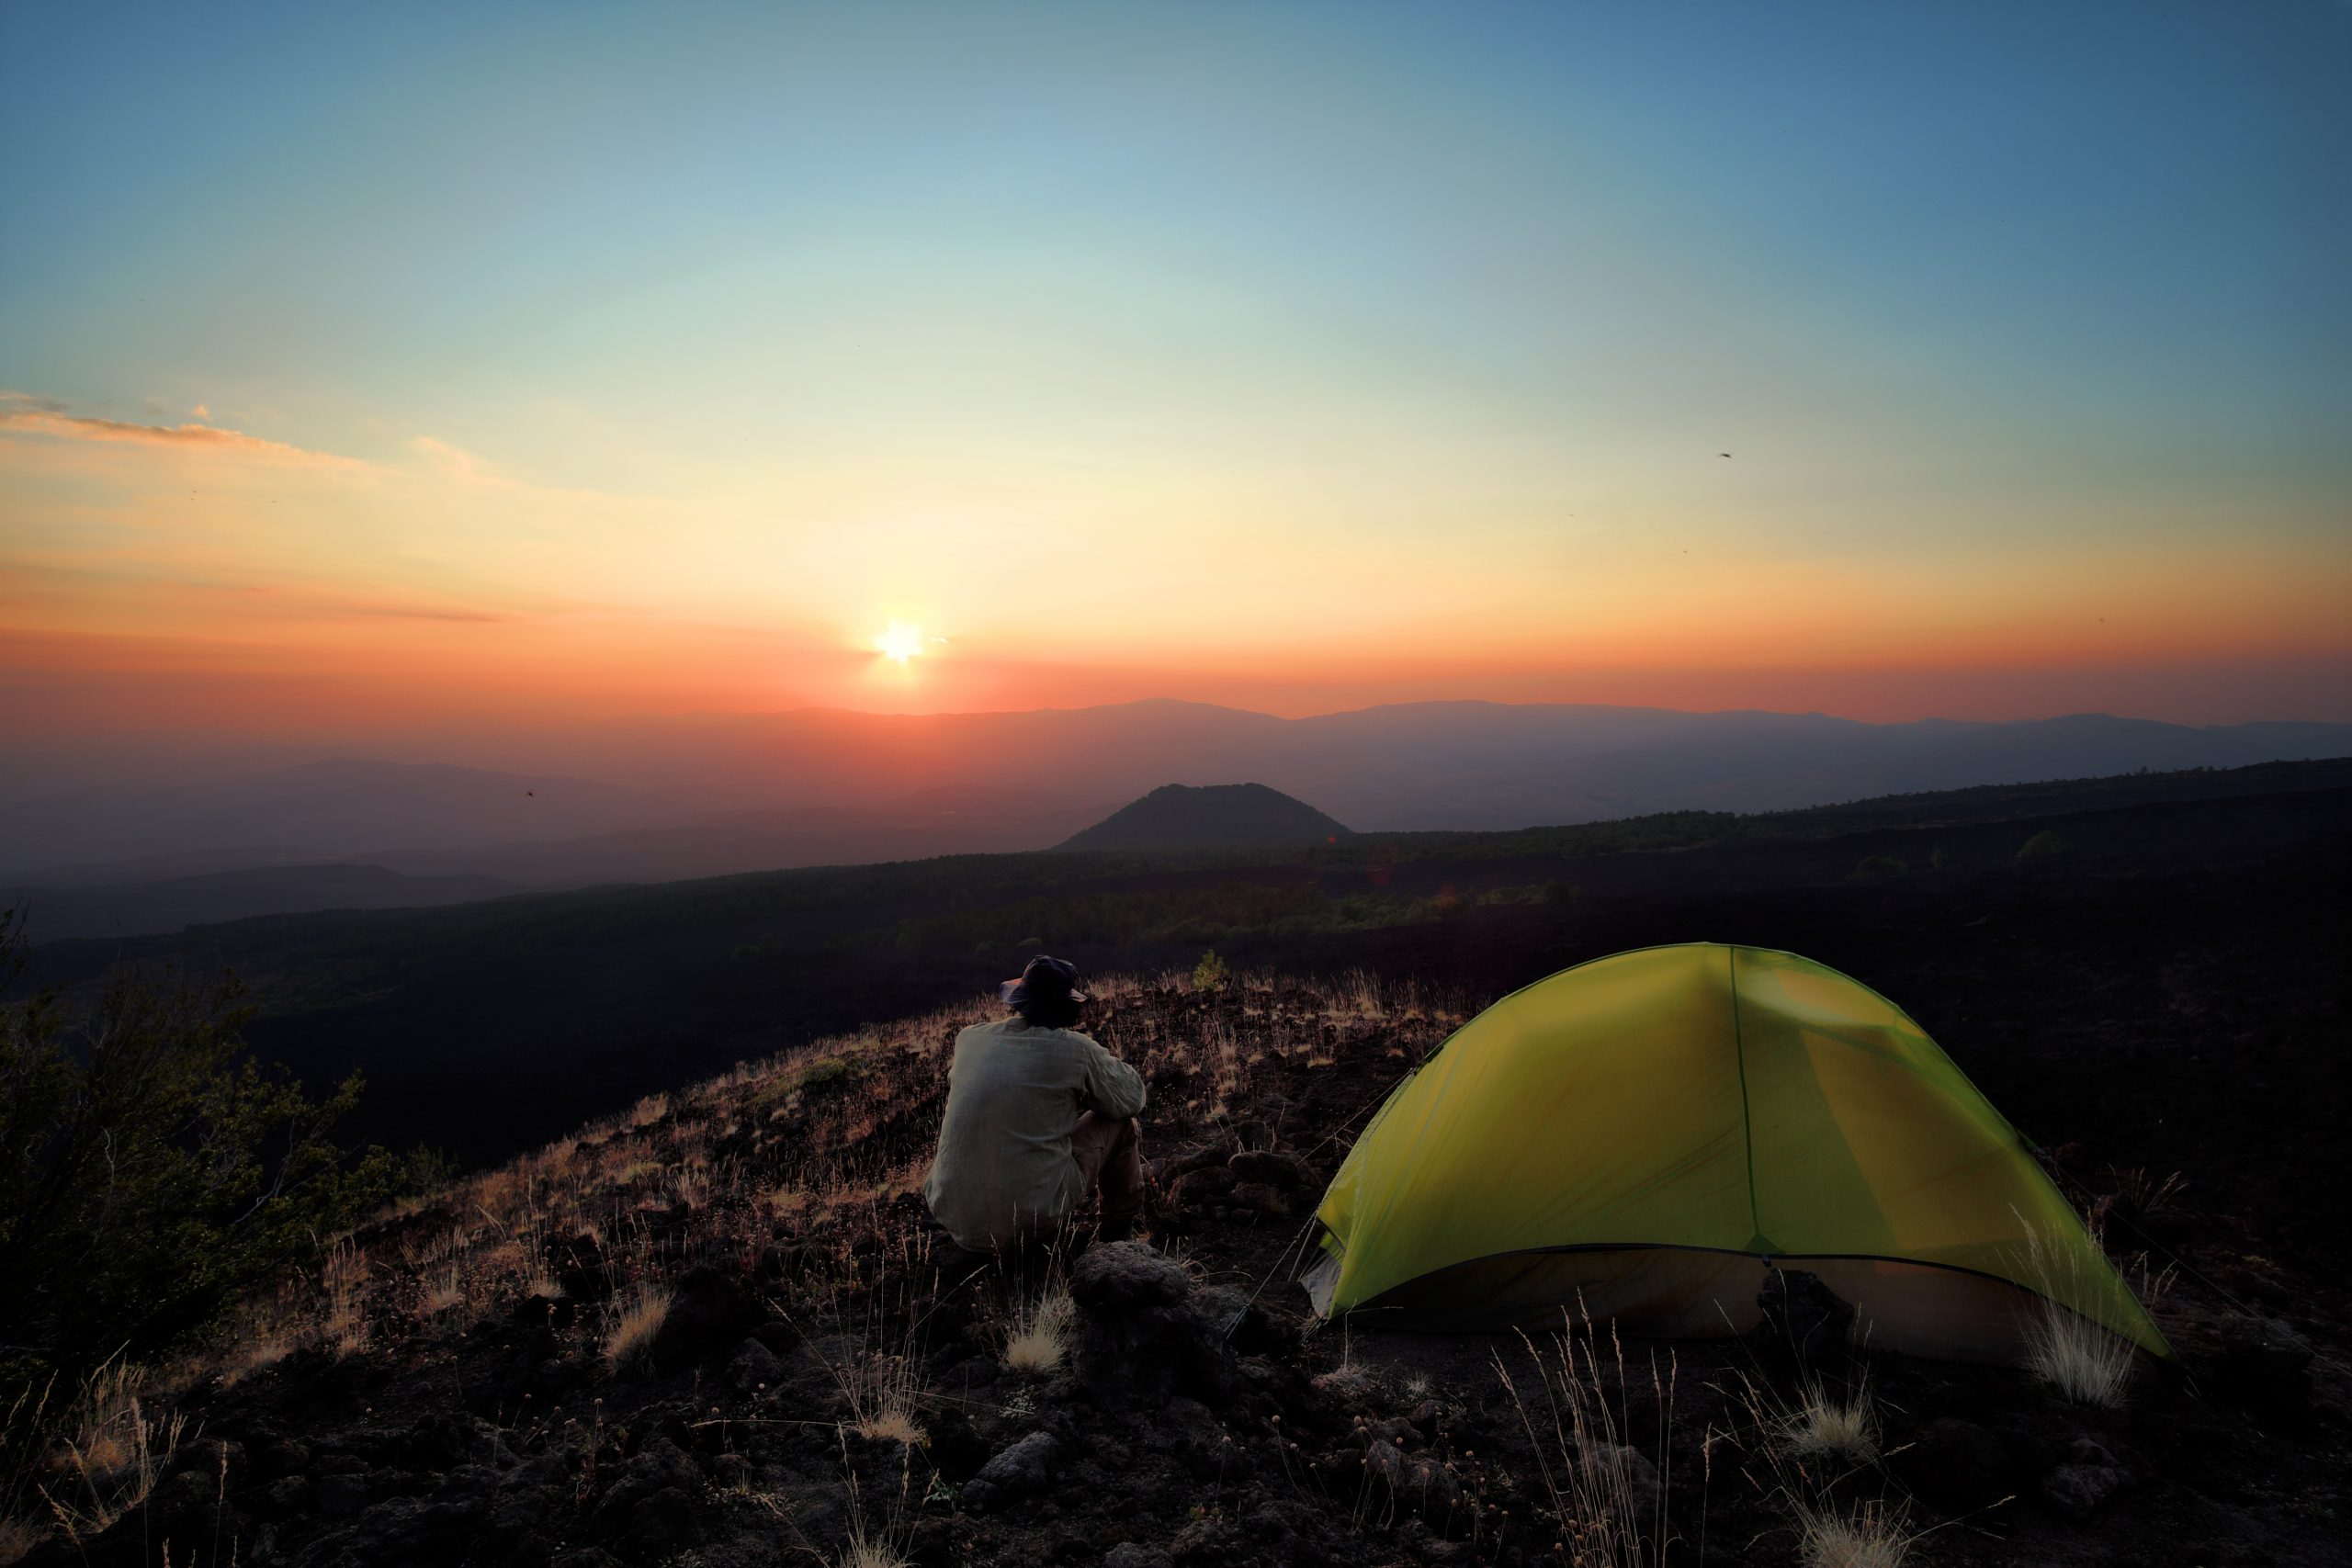 Turgåer med hatt som ser på solnedgangen oppe på fjellet.